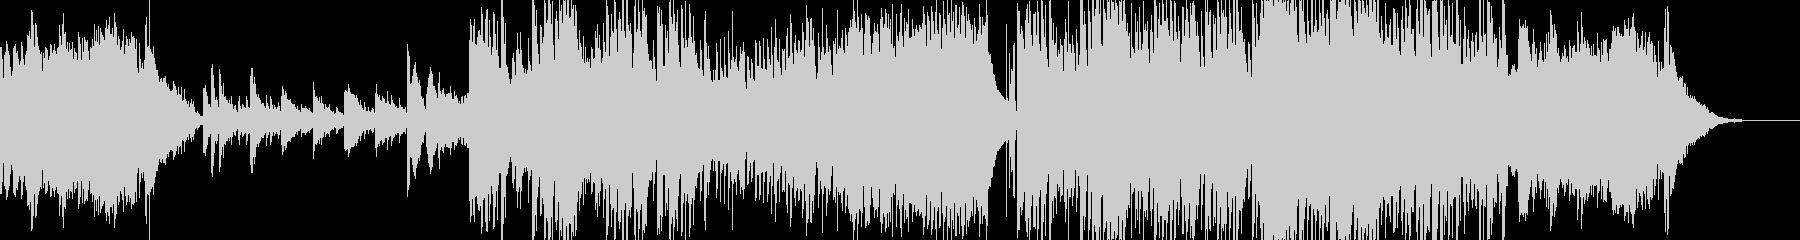 140秒の懐かしいRPGエンディングの未再生の波形